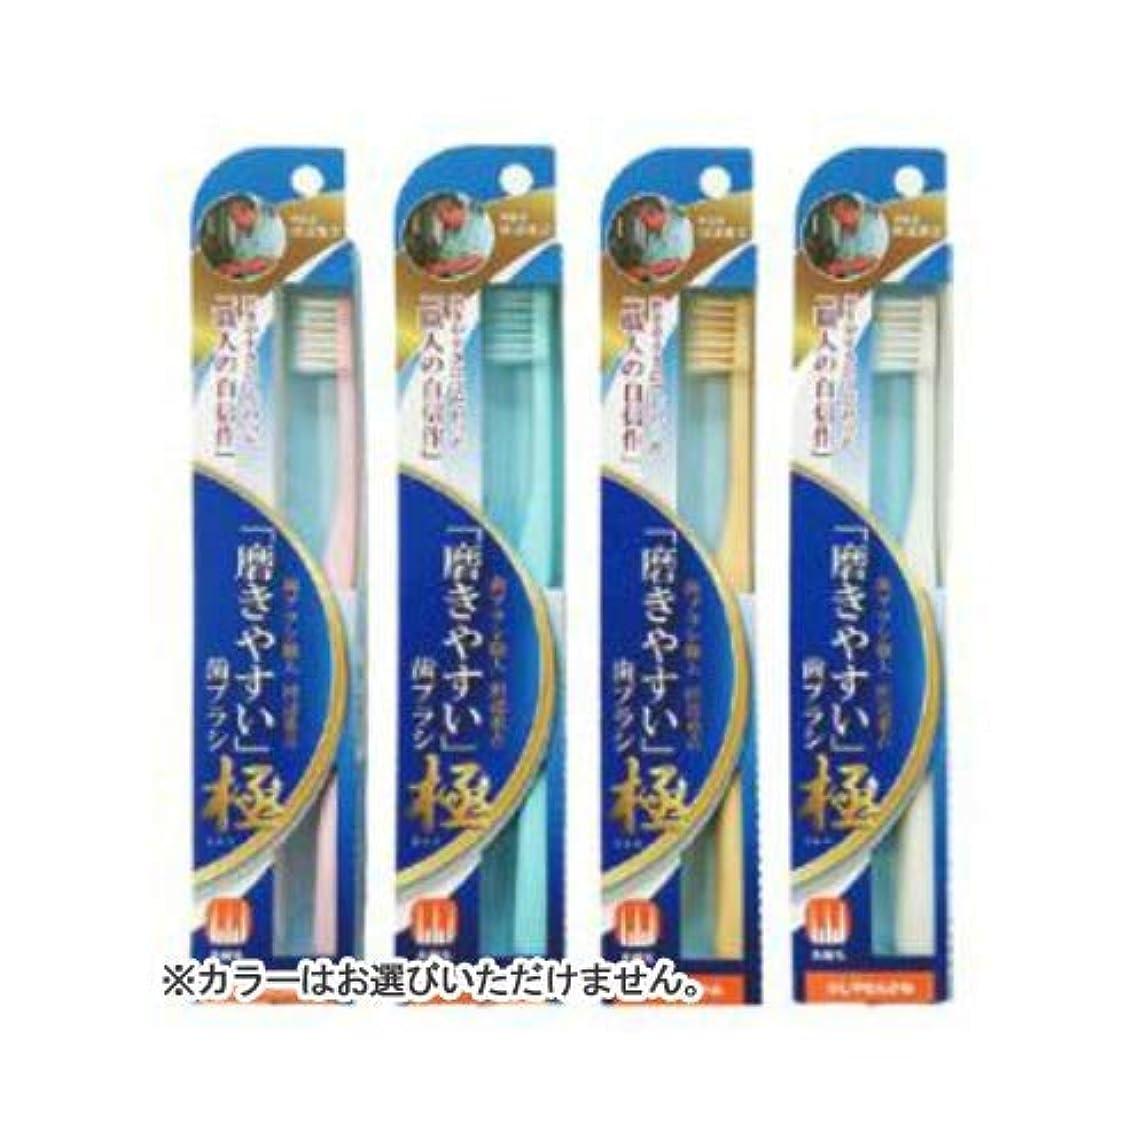 たくさん作るタンクLT-43磨きやすい歯ブラシ極 少しやわらかめ × 12個セット